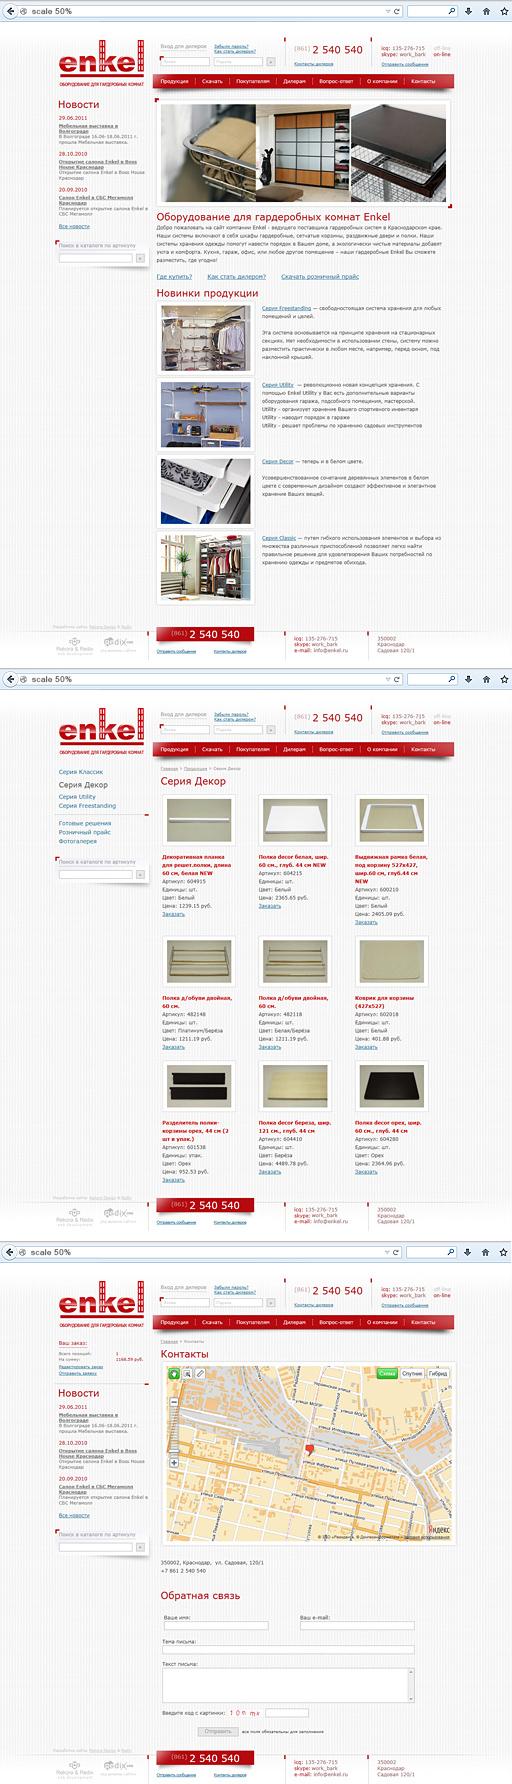 2010 - «Enkel» - интернет-магазин гардеробых систем